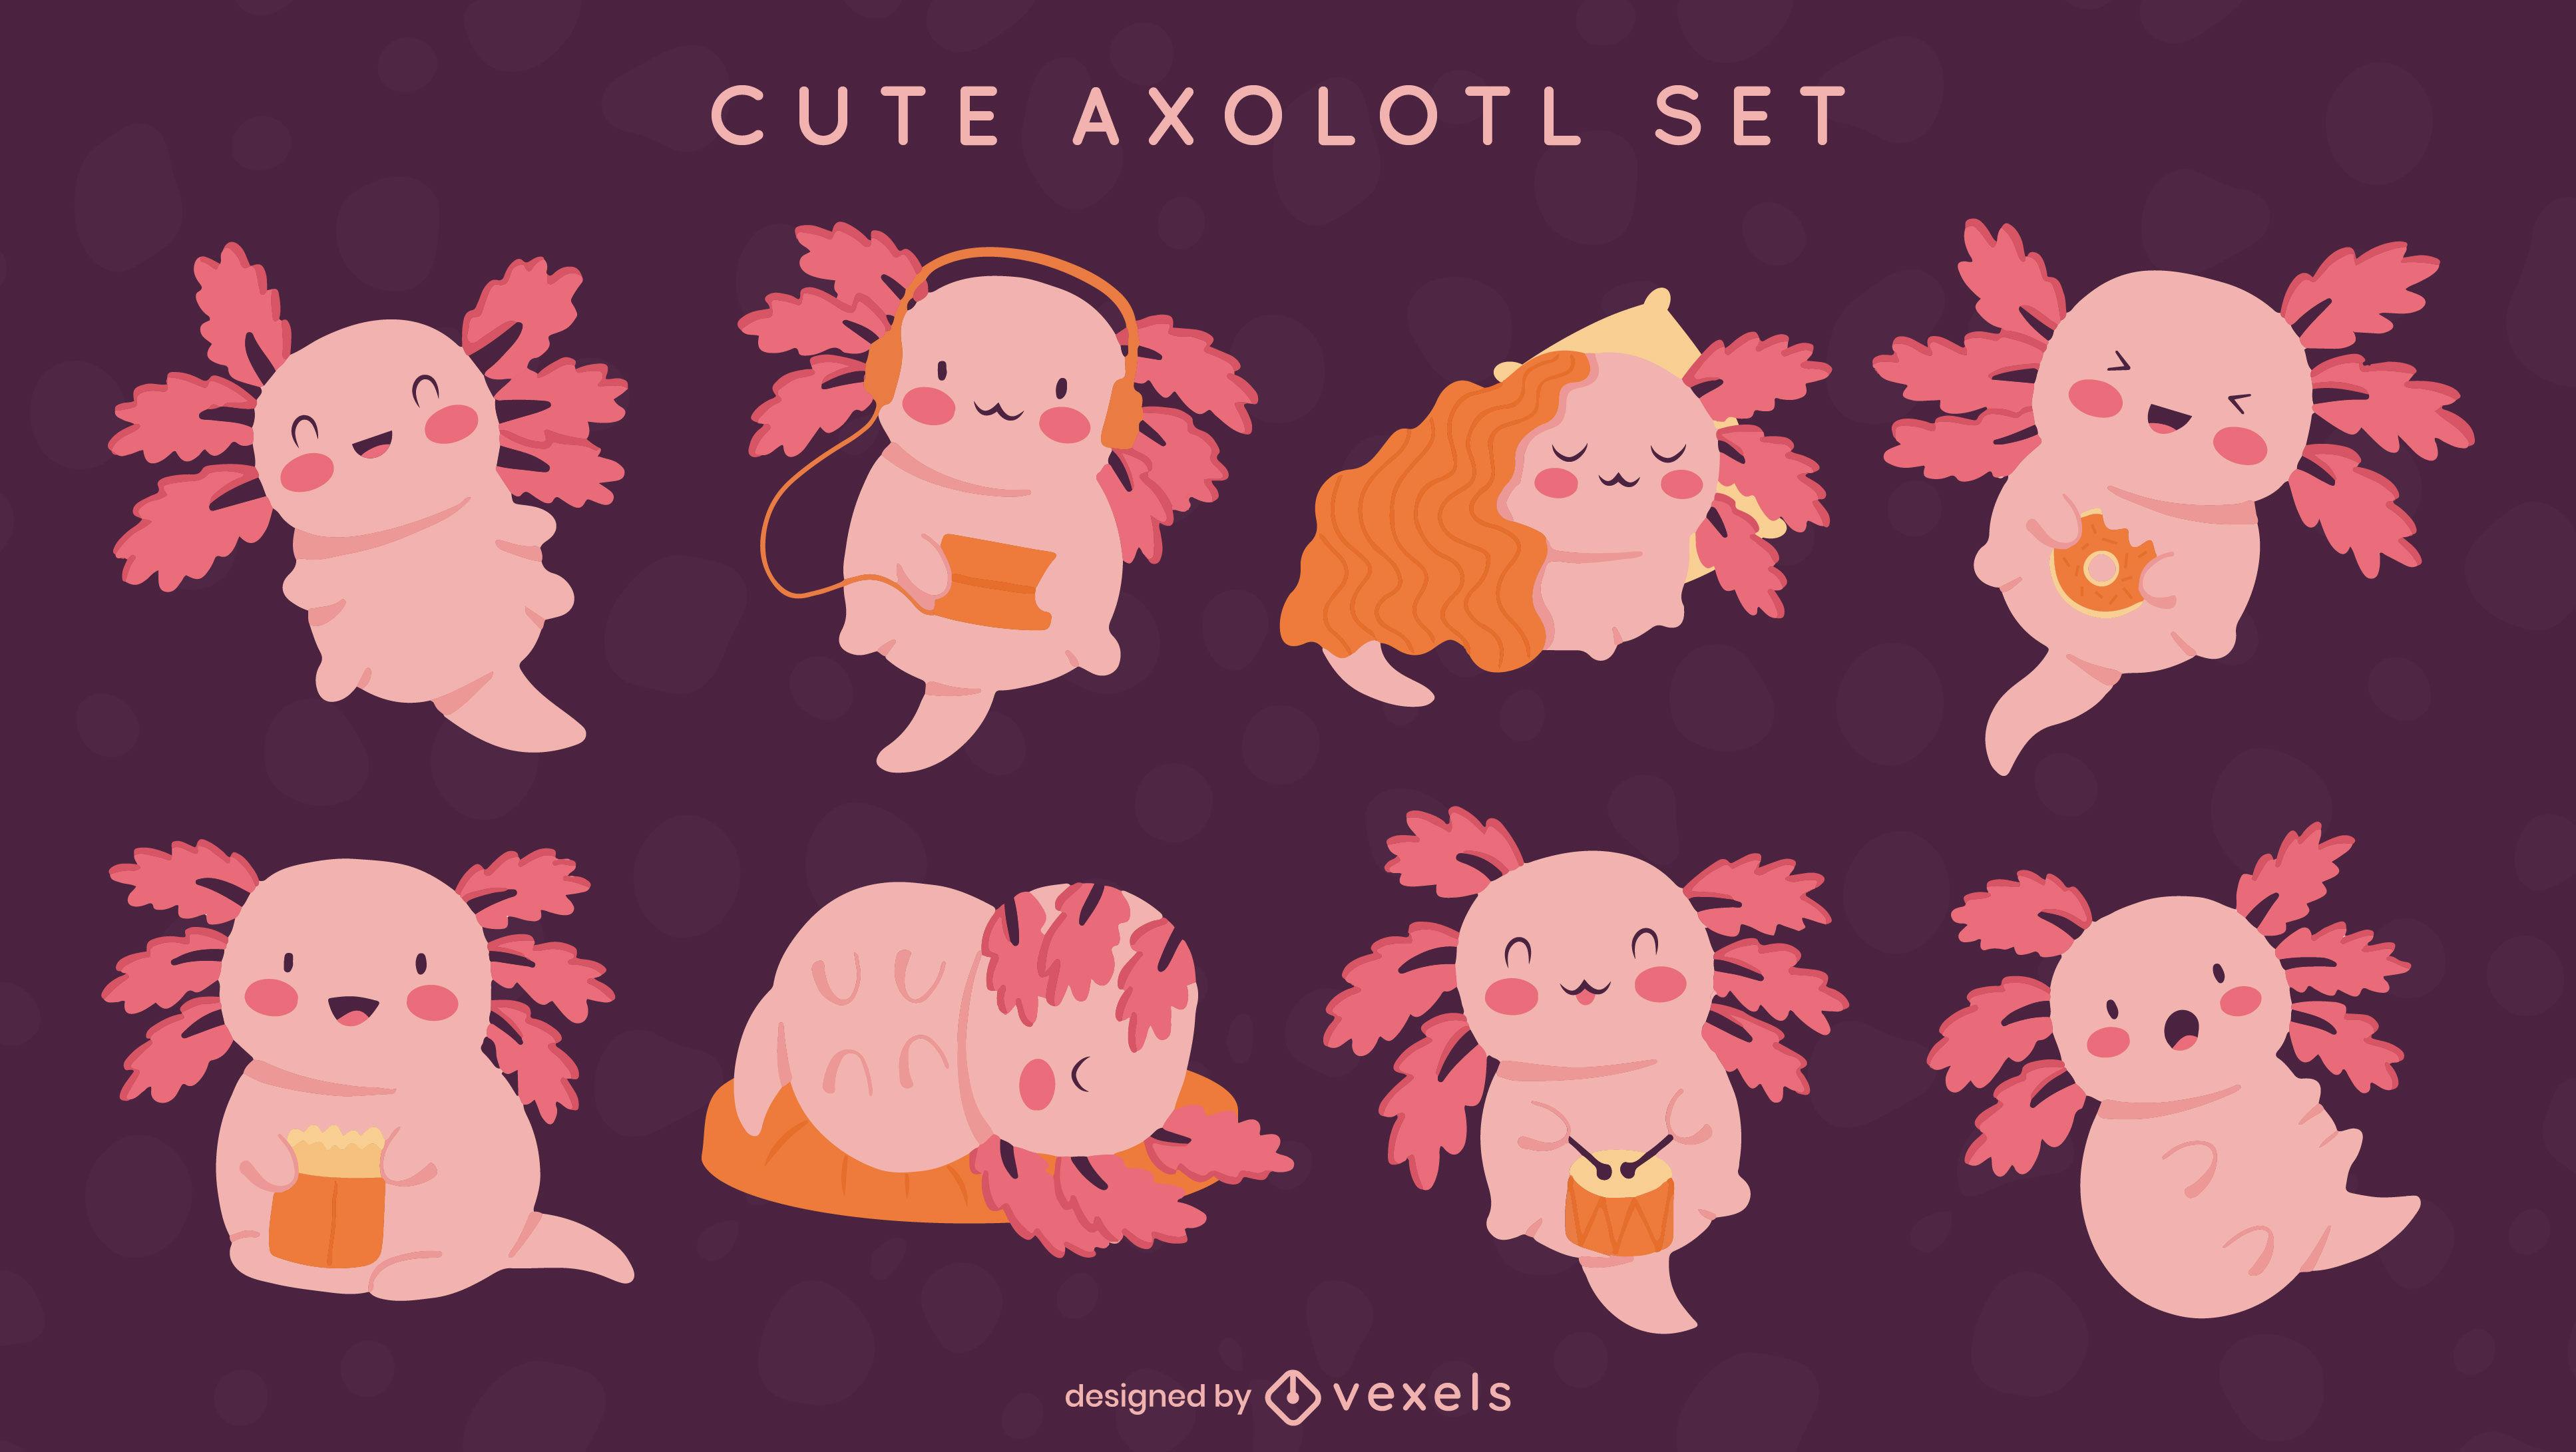 Adorável conjunto de caracteres animais axolotl